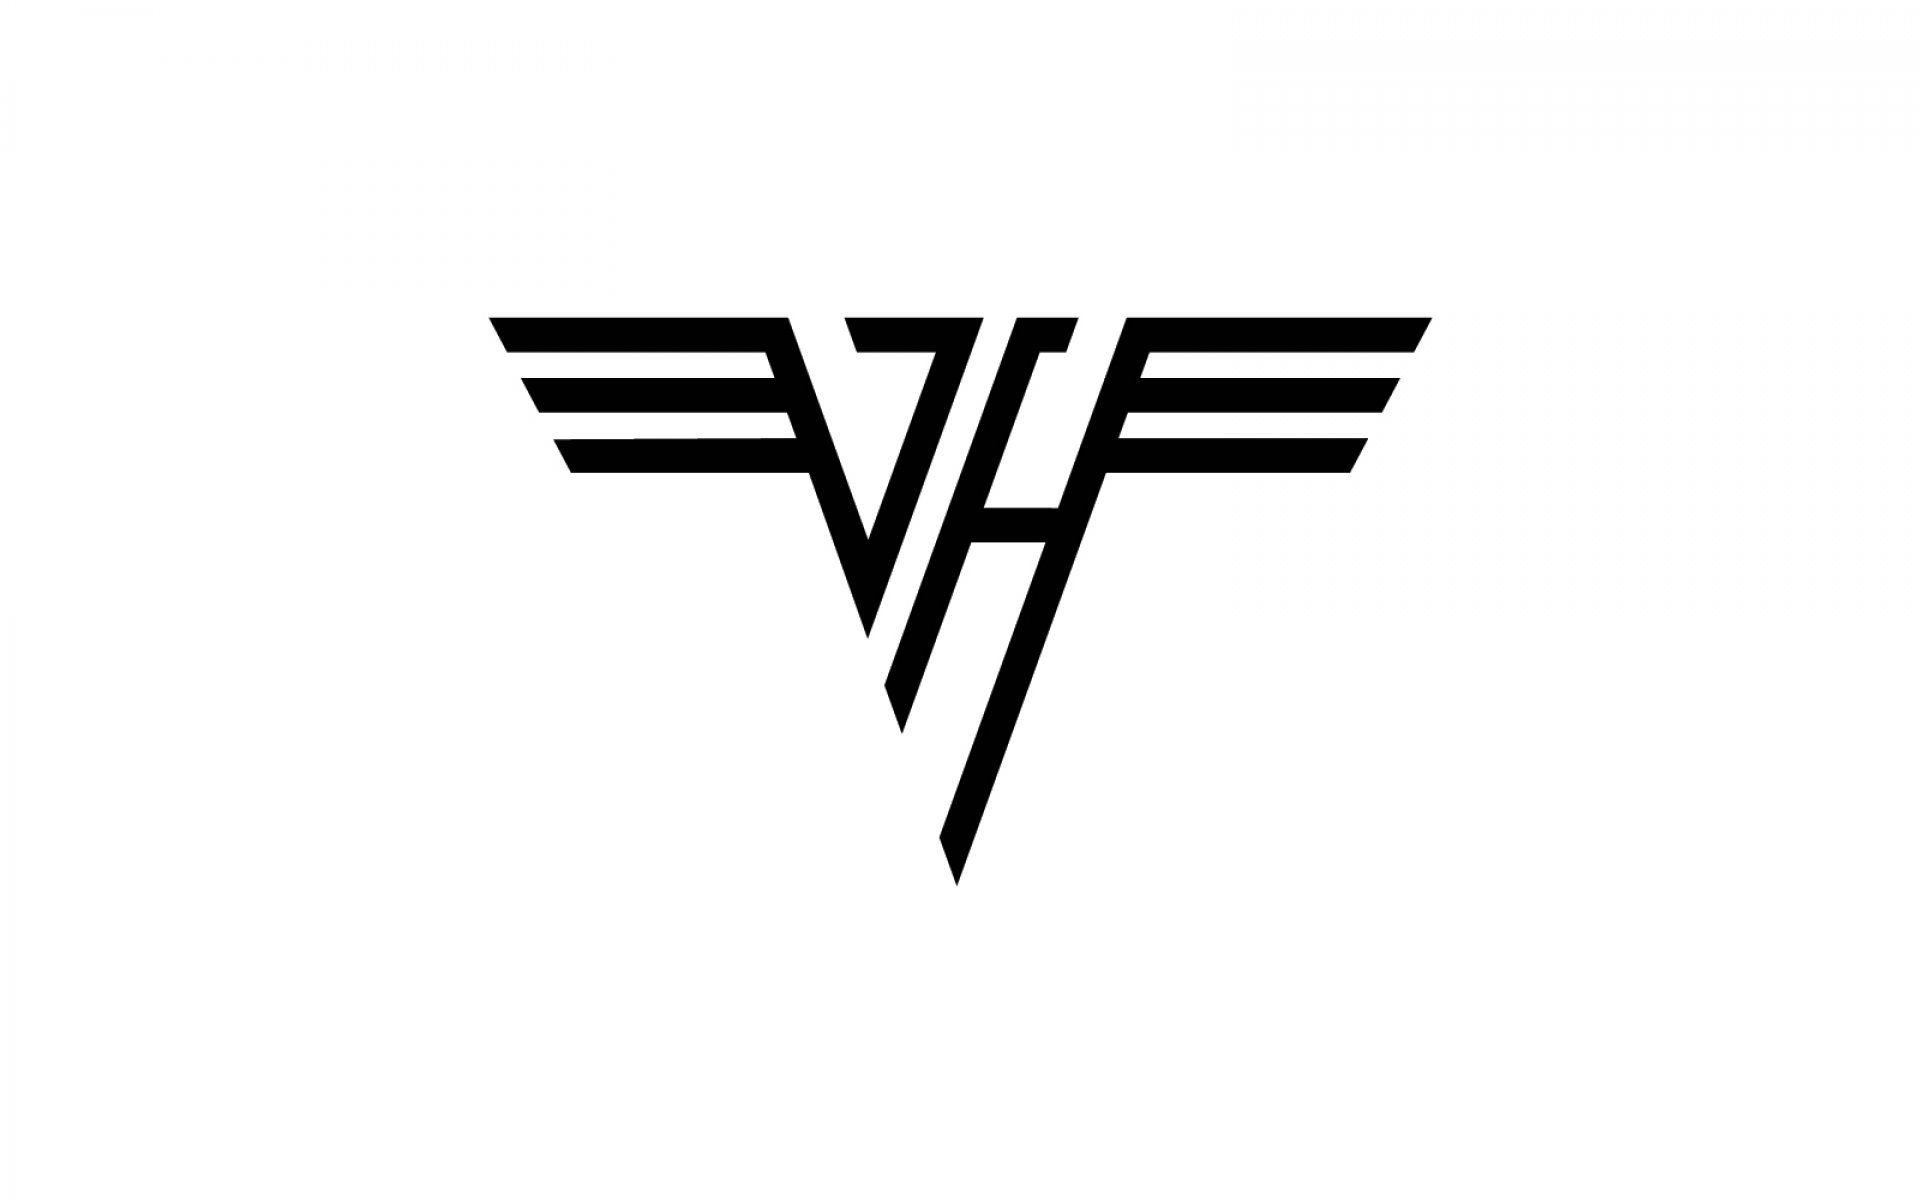 Van Halen Hard Rock Heavy Metal Classic Poster Wallpaper 1920x1200 366443 Wallpaperup In 2020 Band Logo Design Rock Band Logos Van Halen